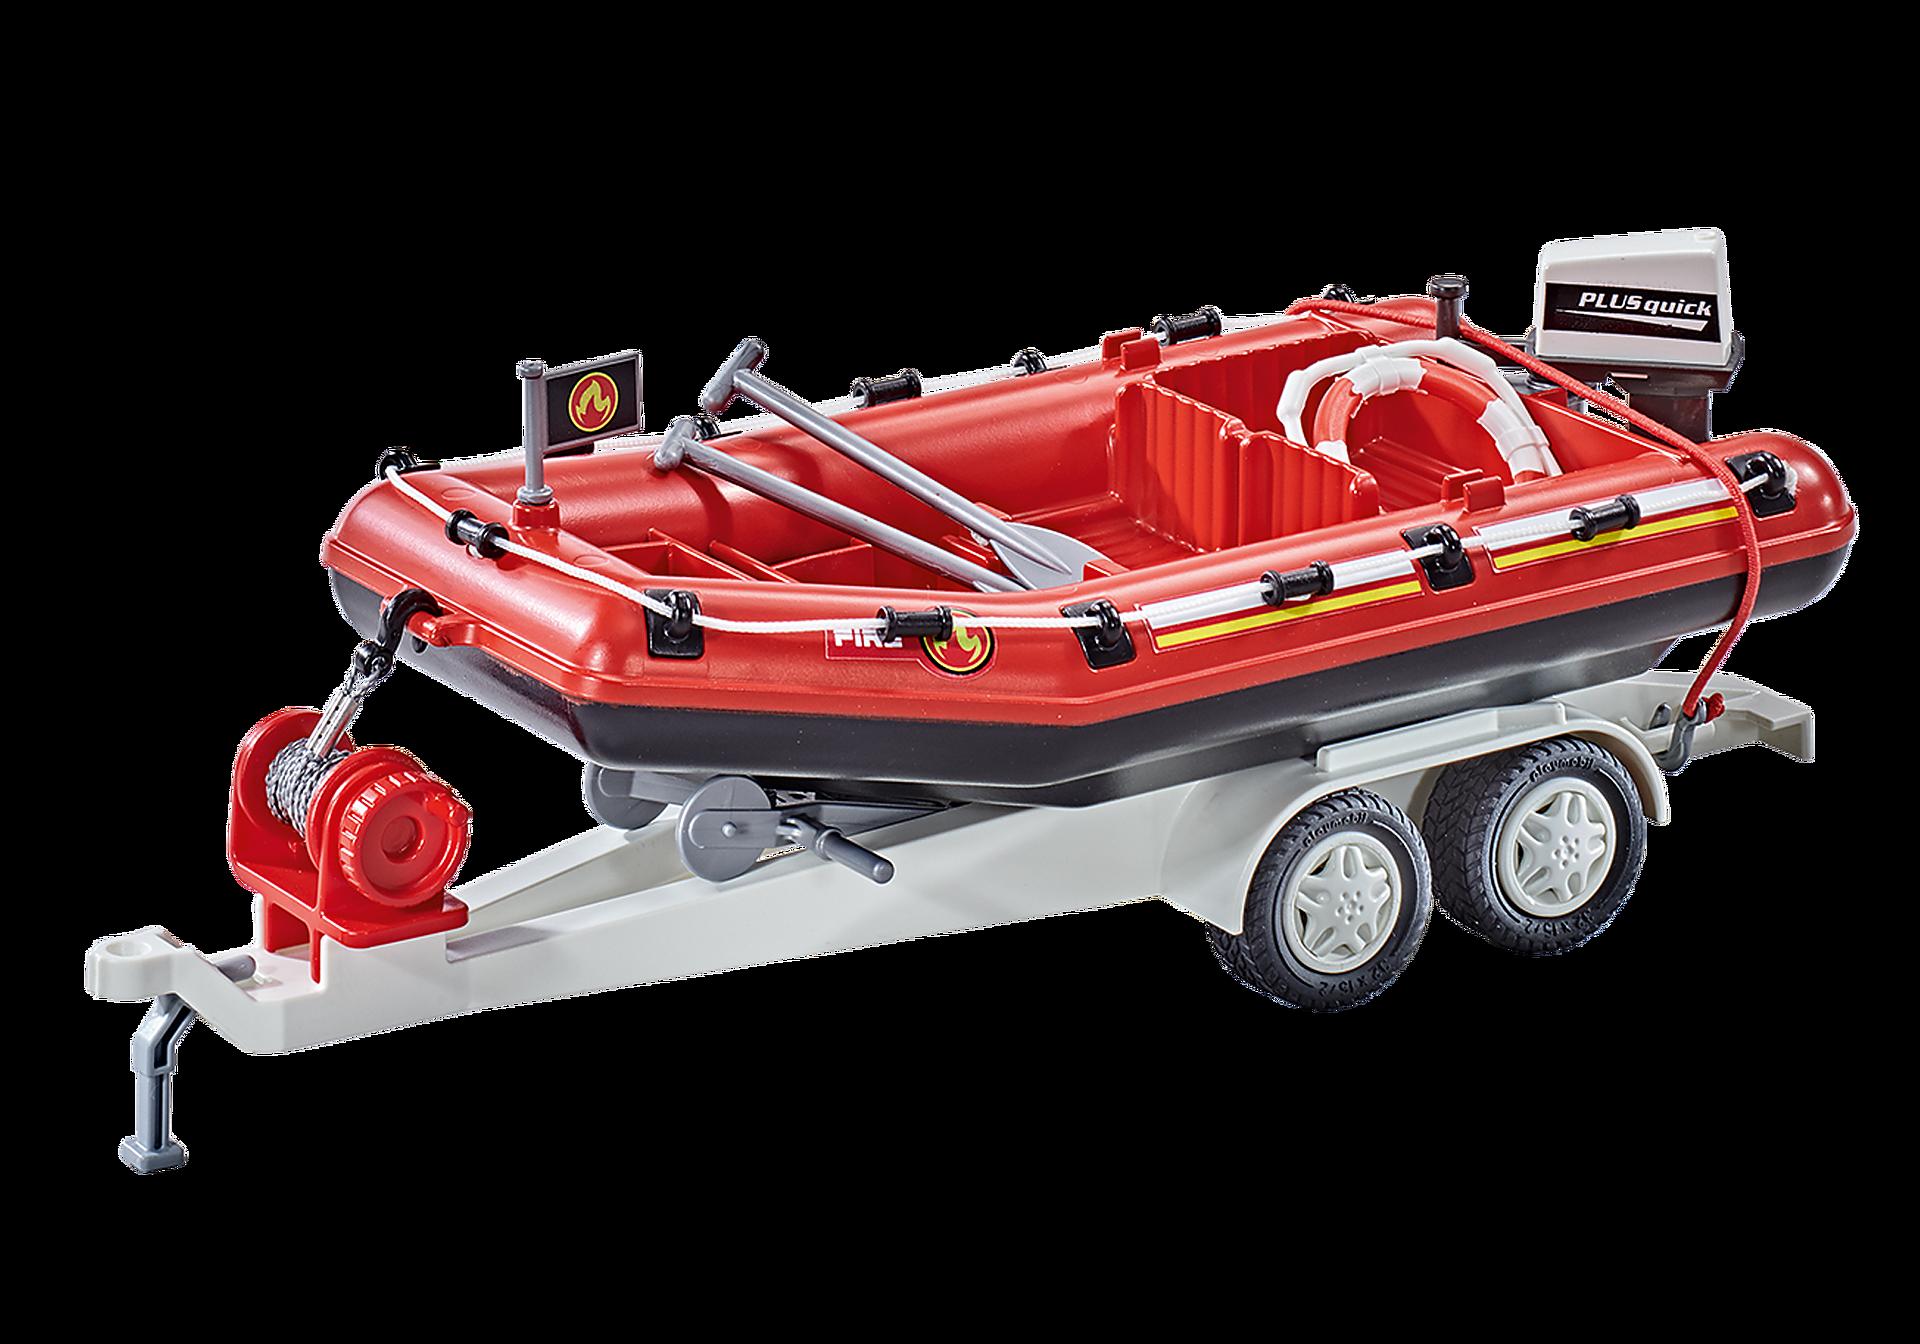 9845 Feuerwehr-Schlauchboot mit Anhänger zoom image1